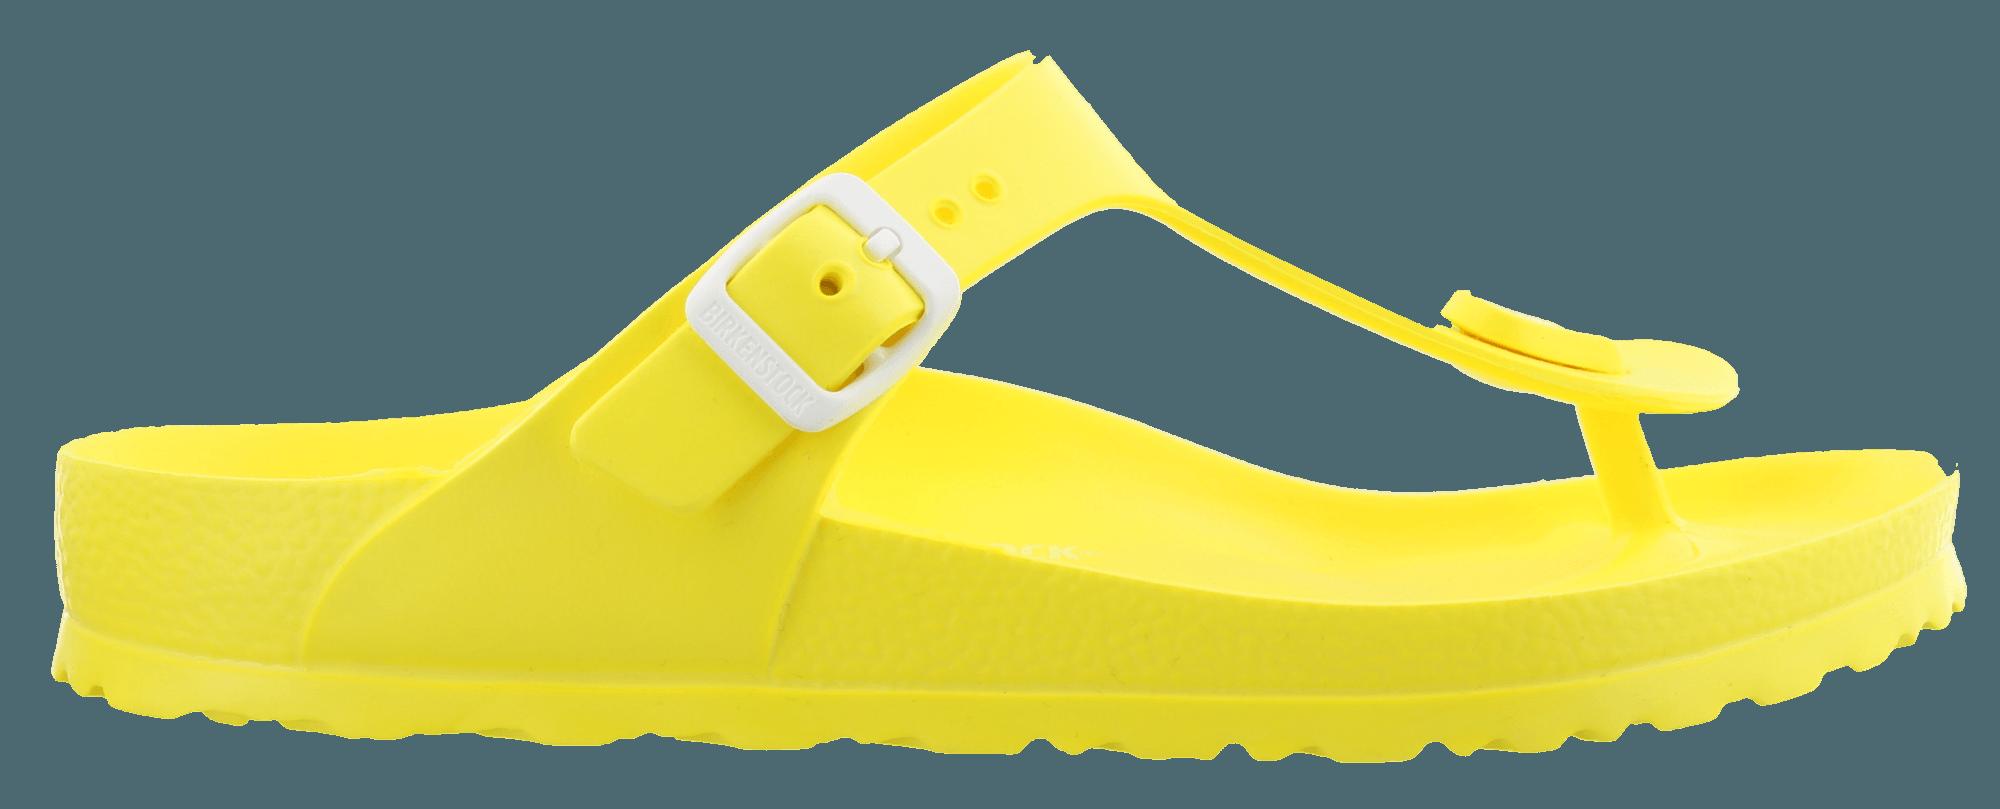 bcd9e1e4576 Birkenstock Almeria Waterproof Sandals Shoe Makes